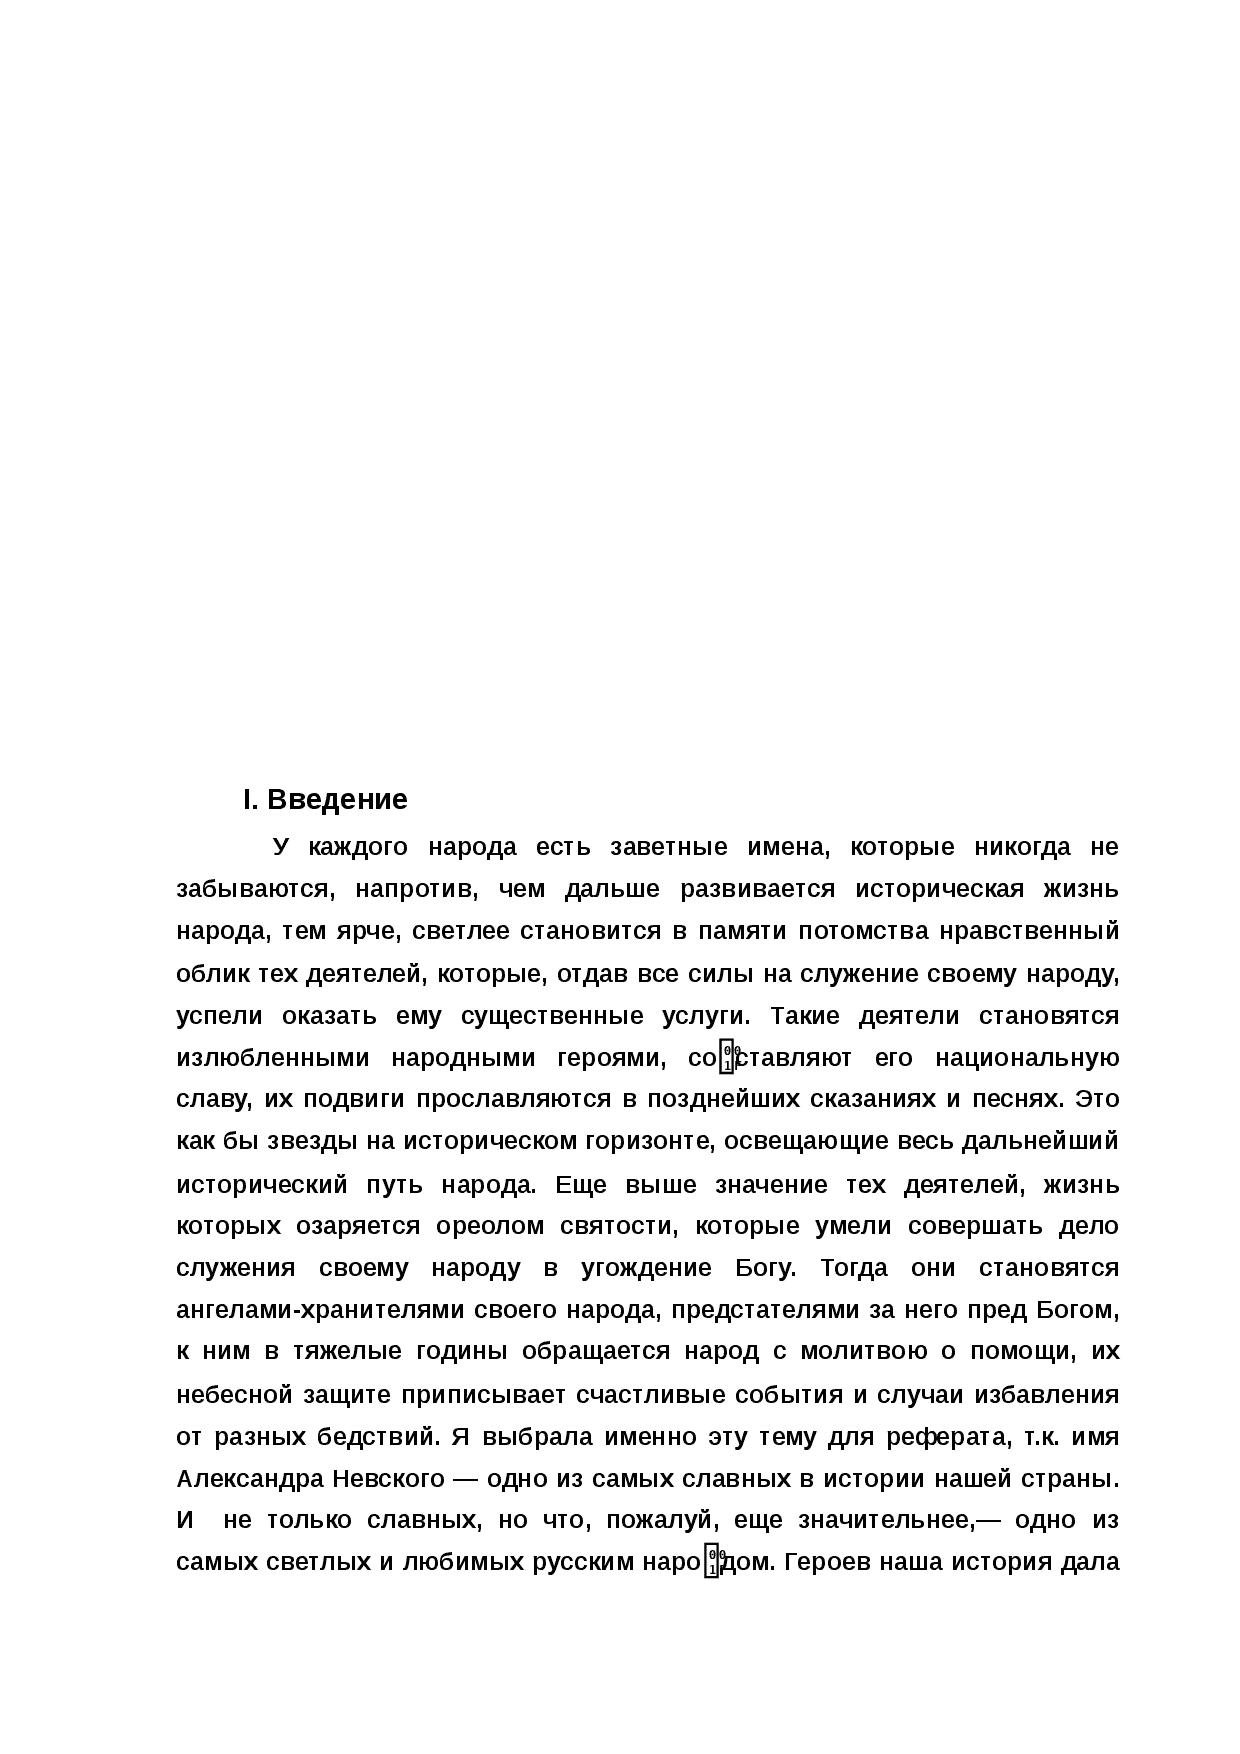 сообщение о александре невском кратко